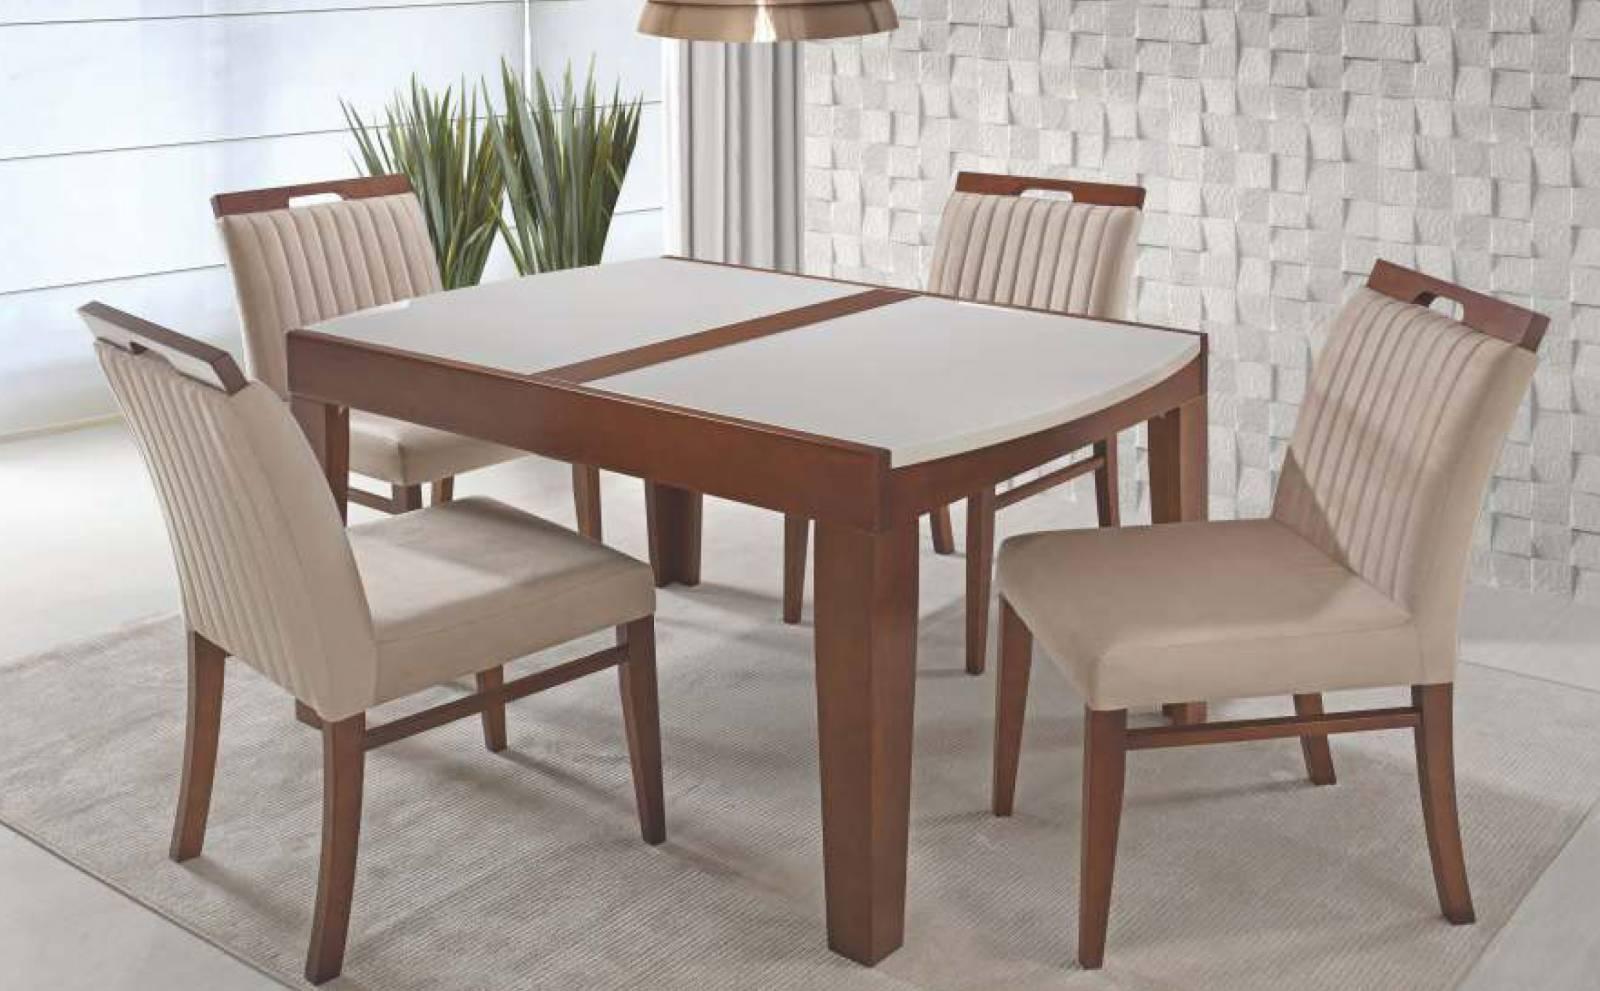 Mesa de Jantar Torres com 4 Cadeiras Orlando Diplomata Móveis - All Home